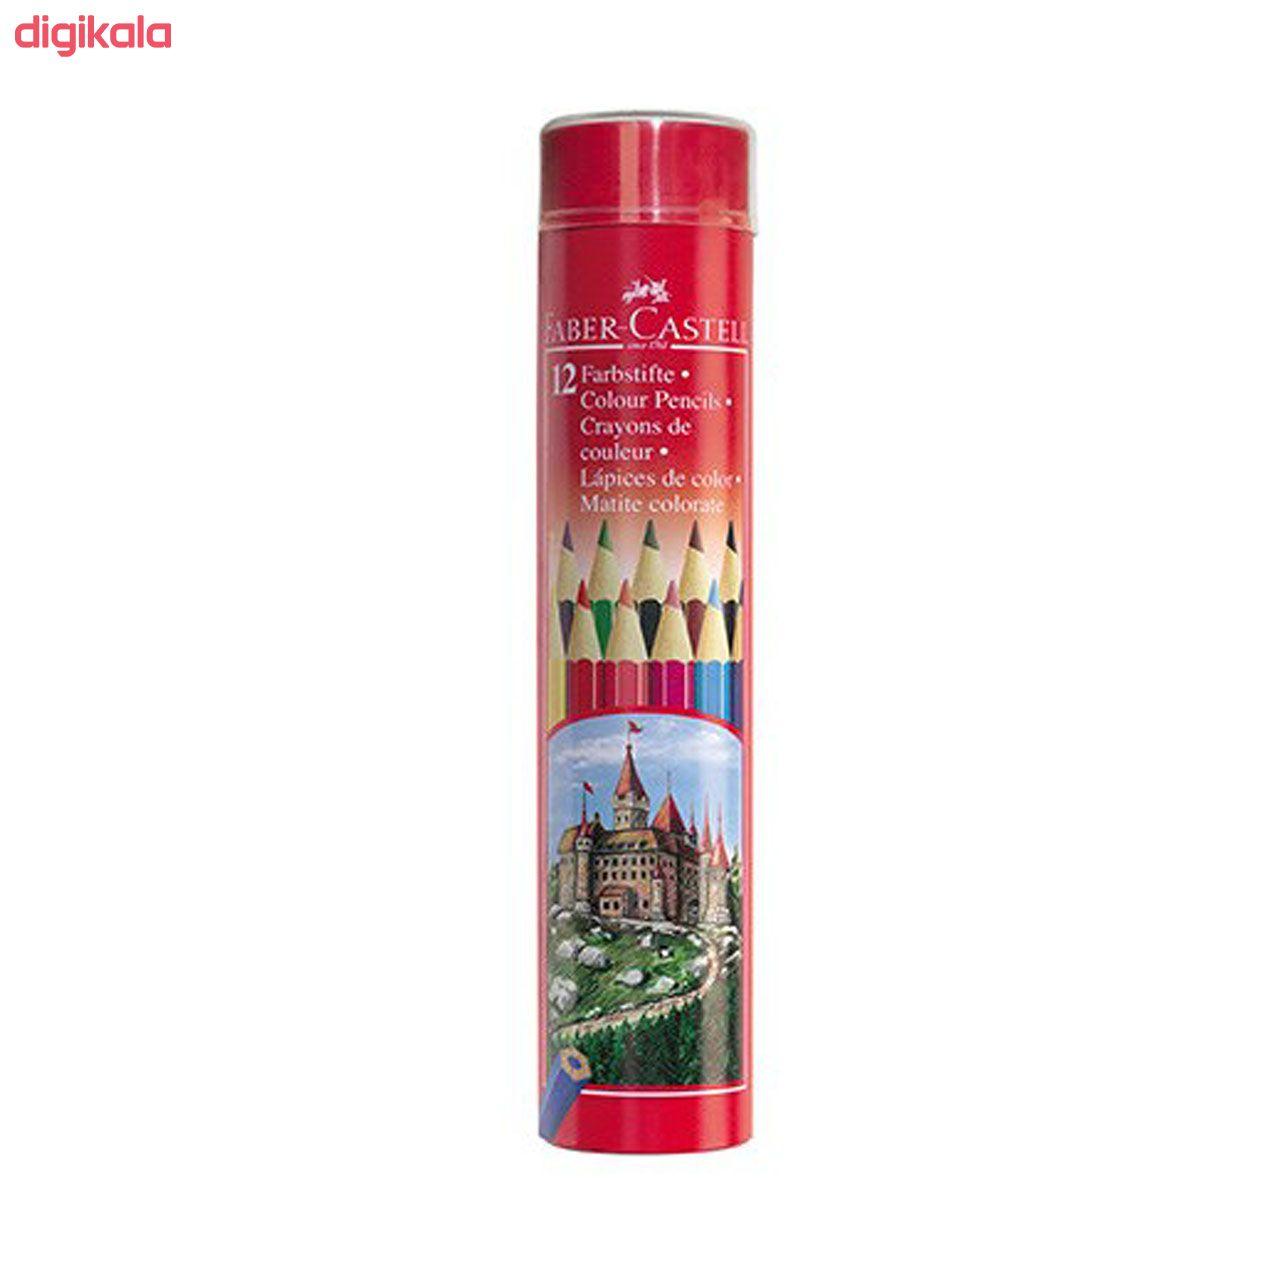 مداد رنگی 12 رنگ فابر-کاستل main 1 1